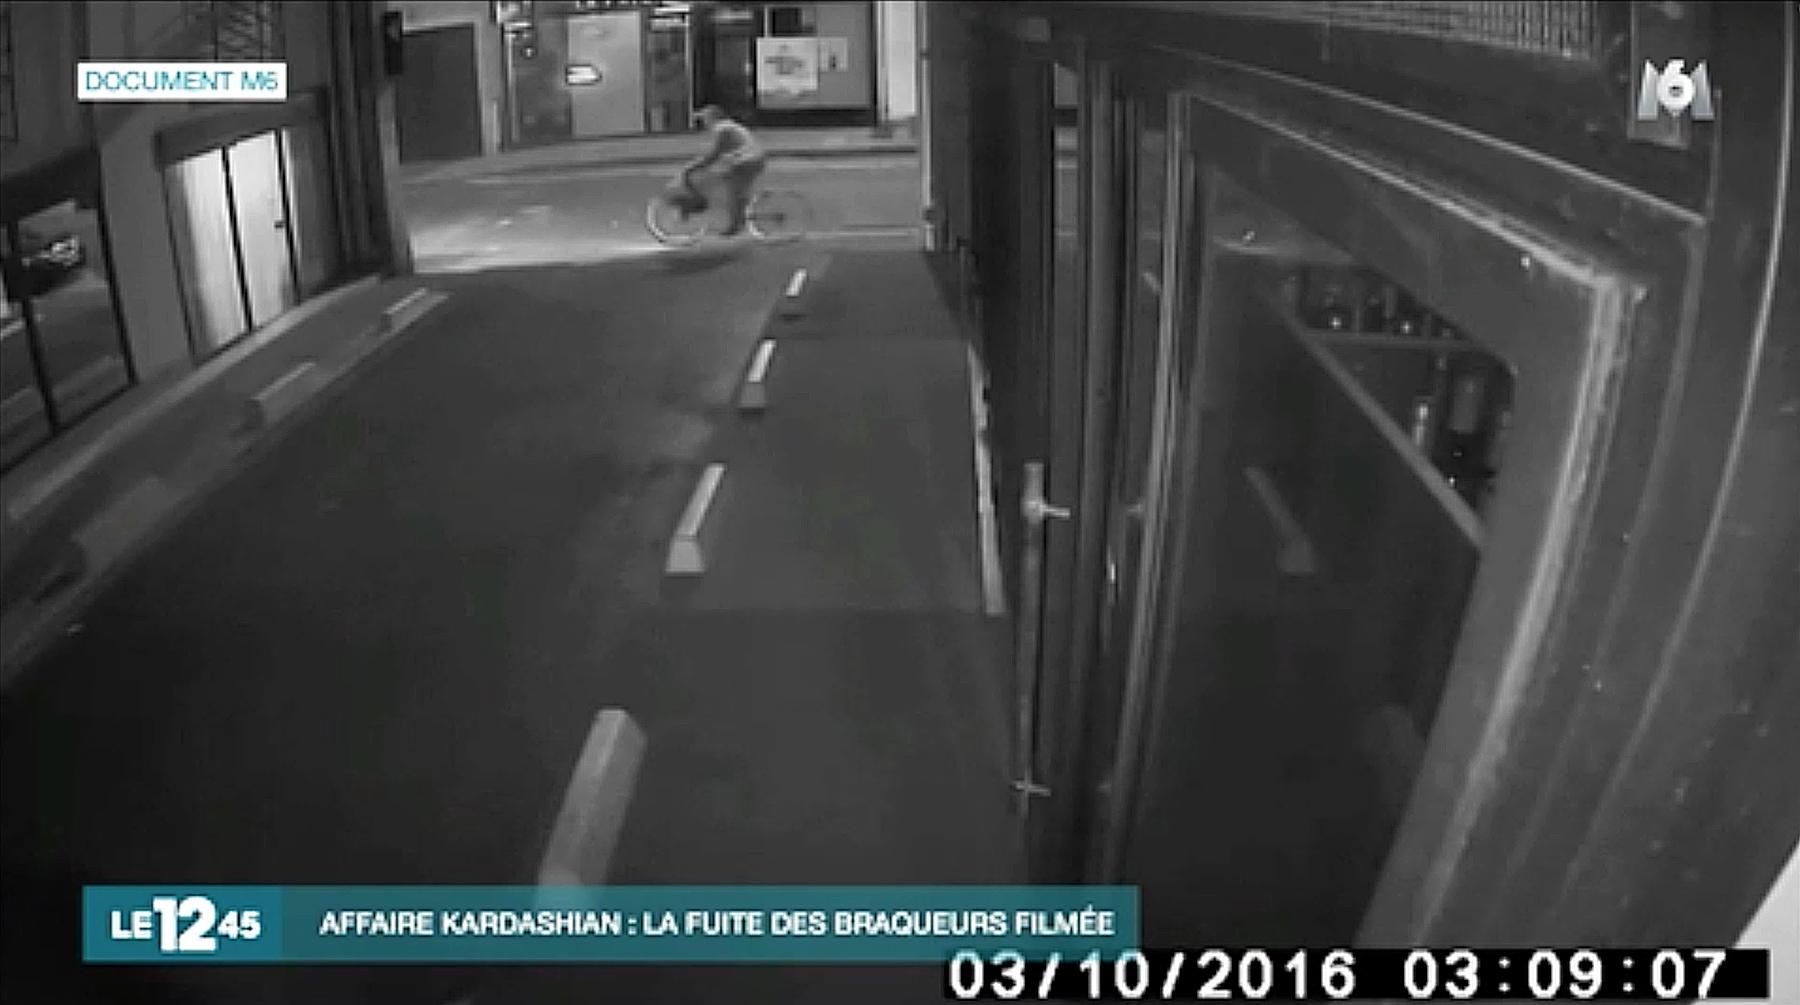 Kim Kardashian Paris robbery footage